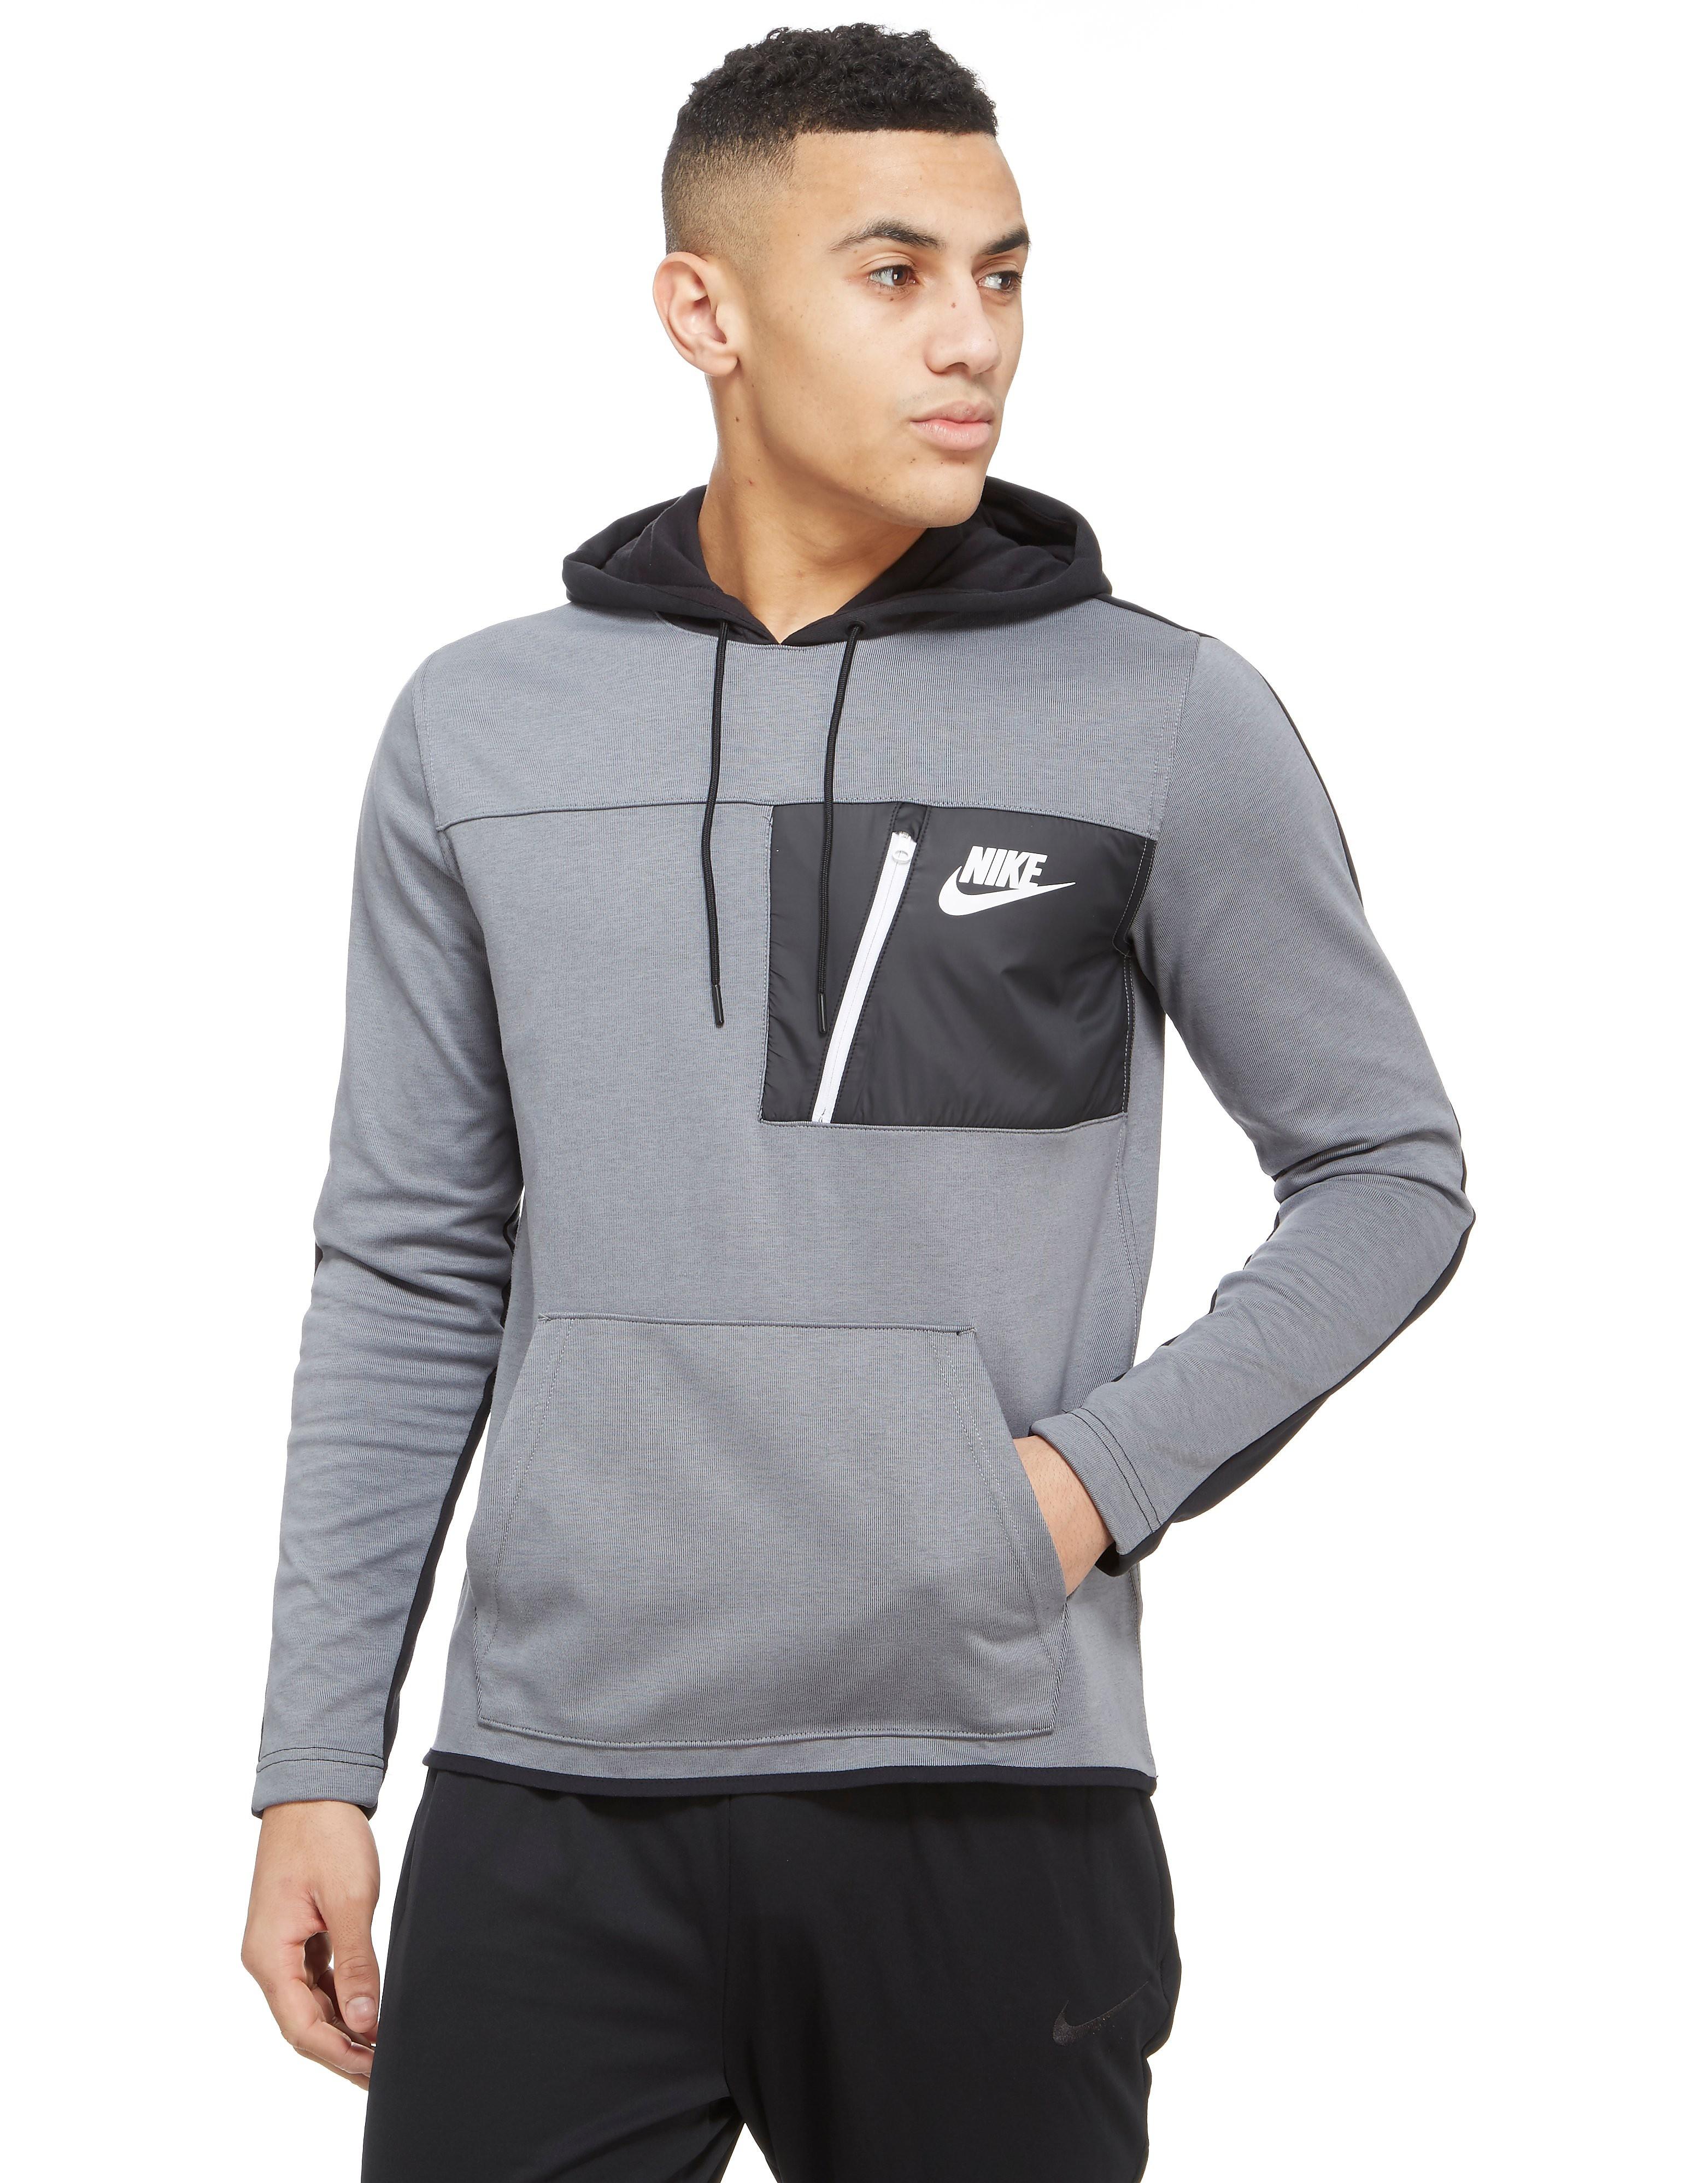 Nike Advance Overhead Hoody